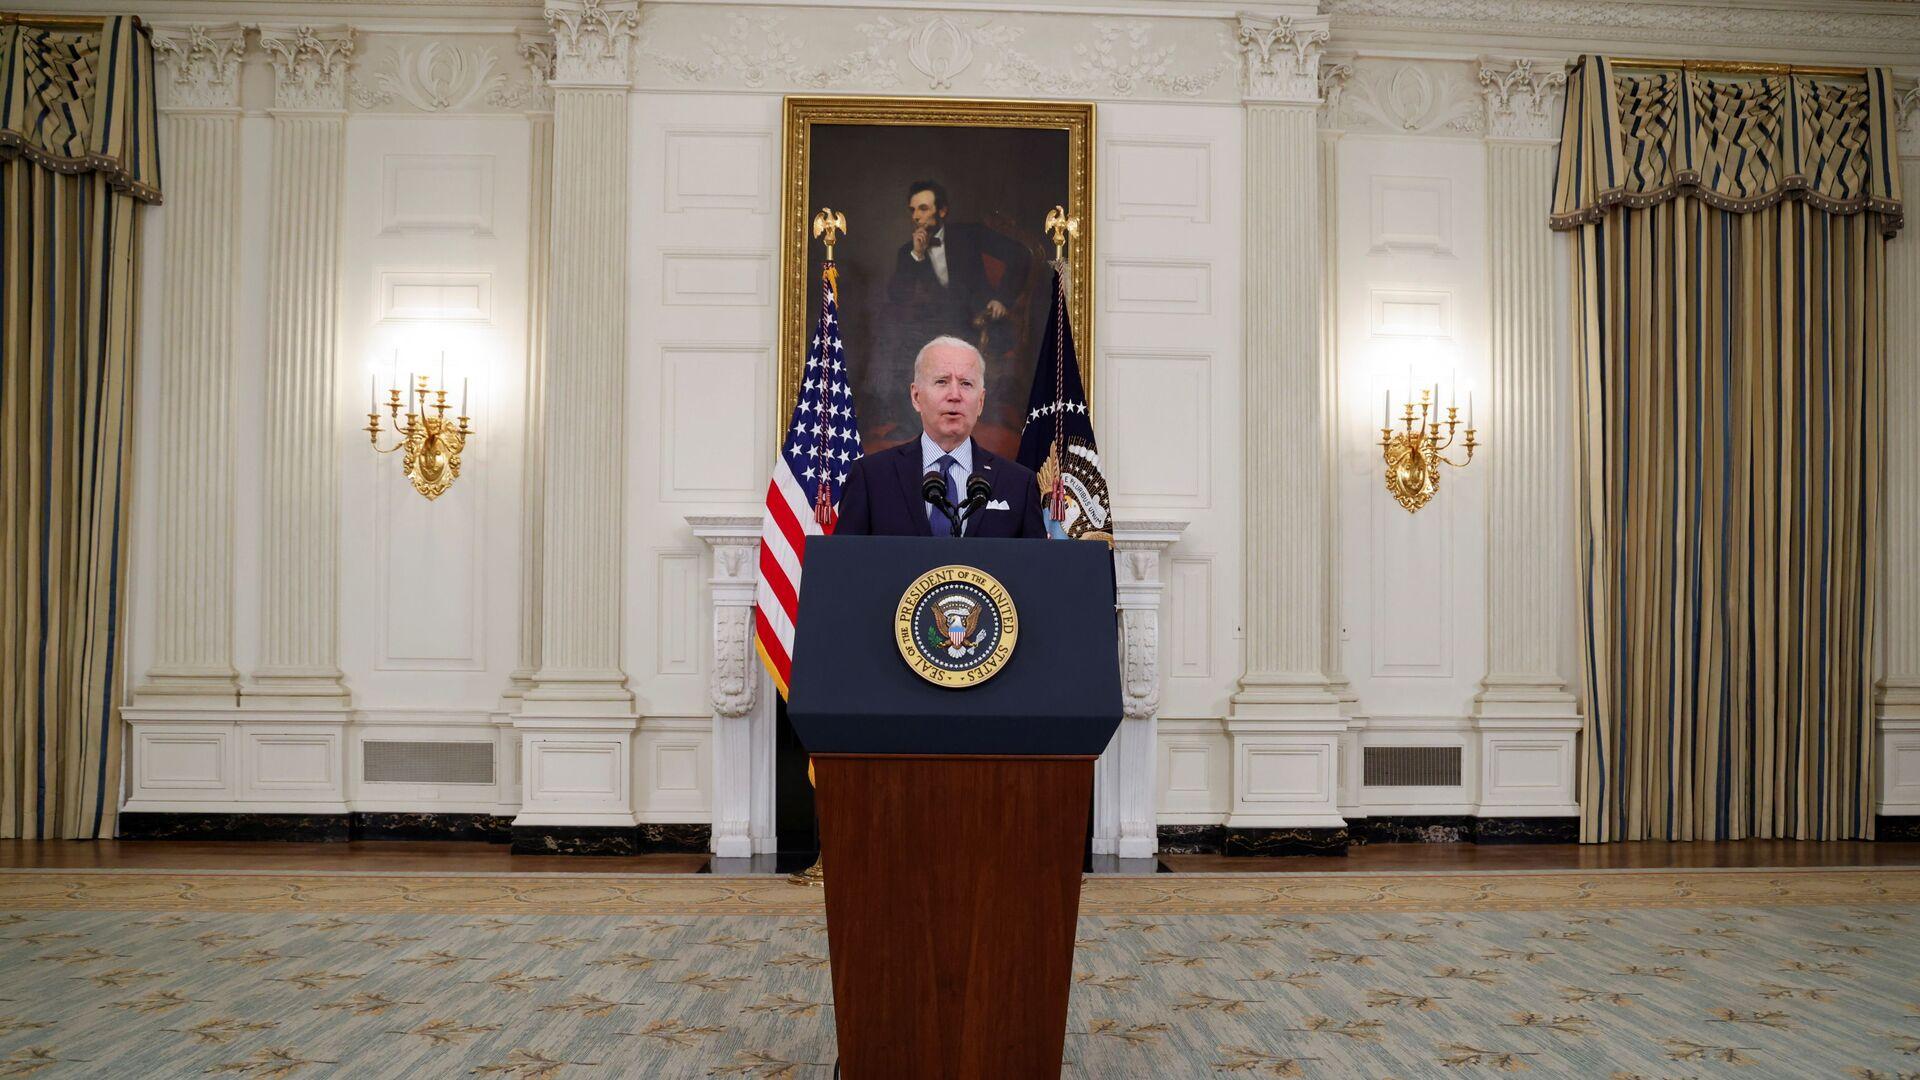 Americký prezident Joe Biden v Bílém domě - Sputnik Česká republika, 1920, 08.06.2021